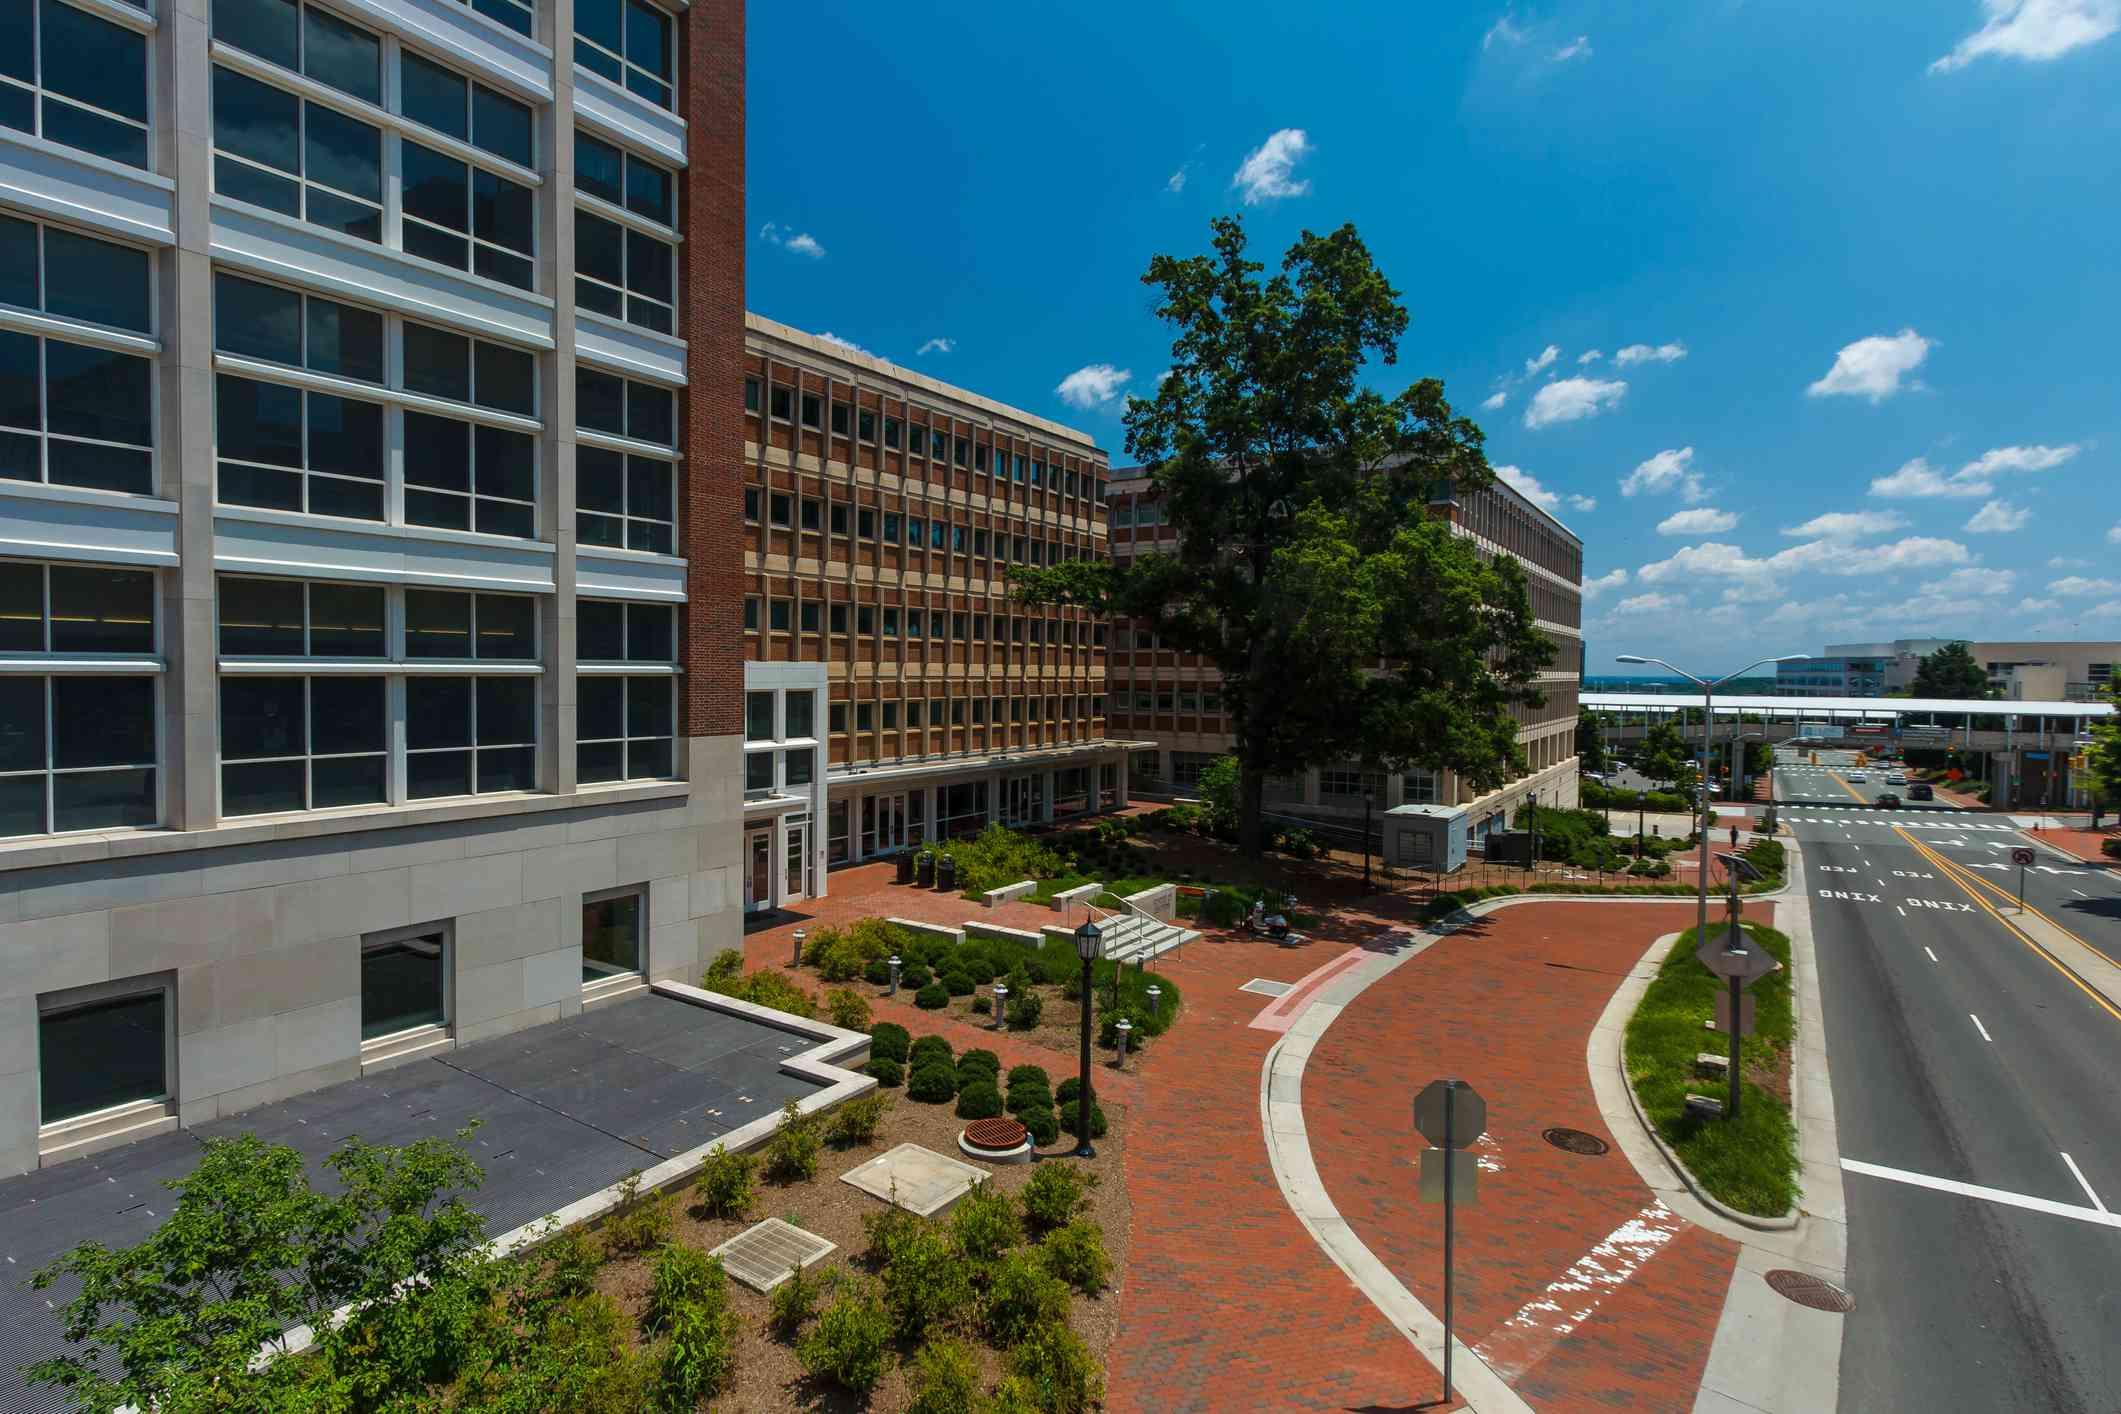 Escuela de Odontología UNC Chapel Hill